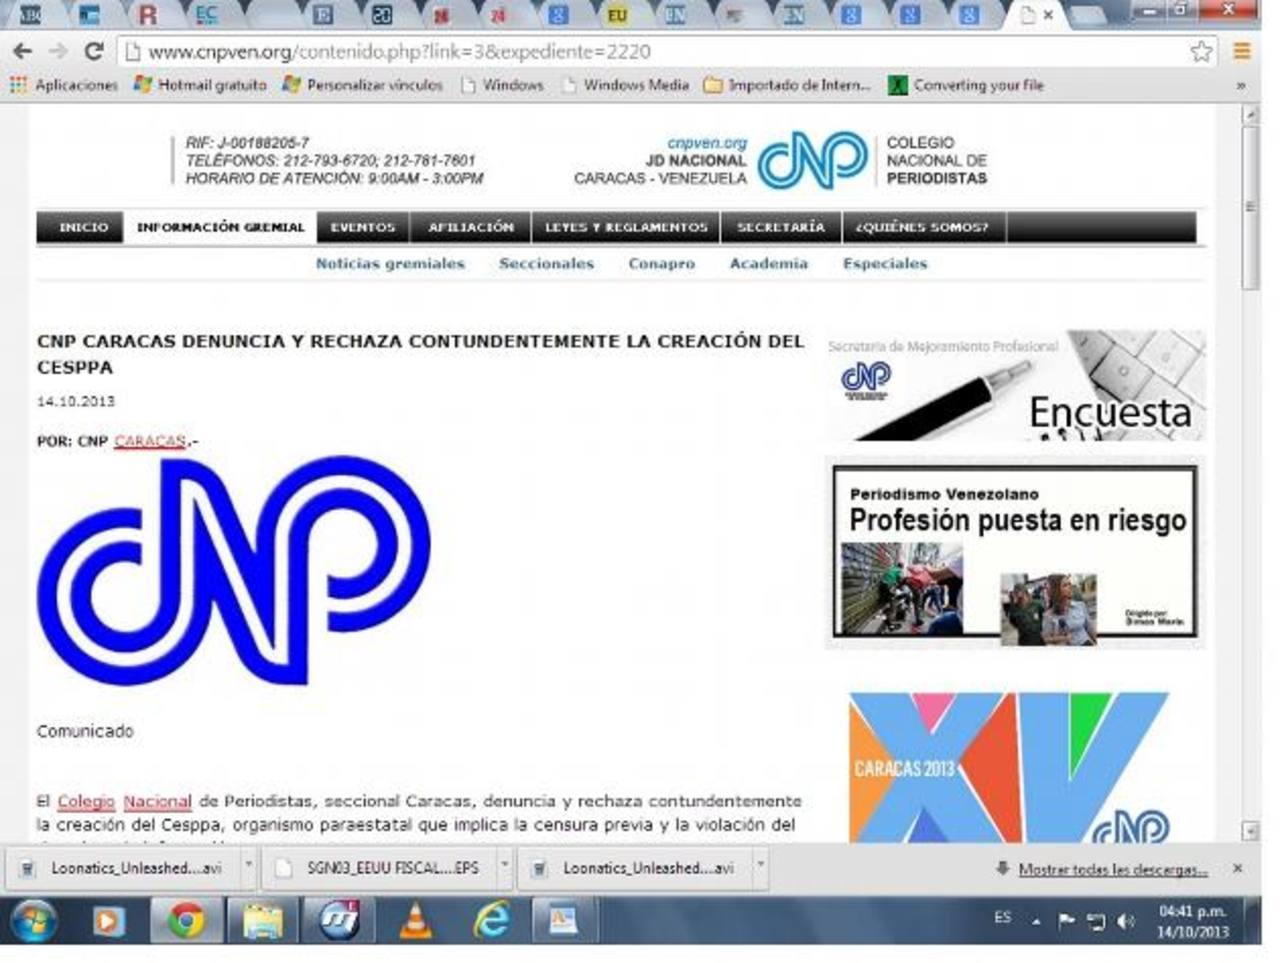 El Colegio Nacional de Periodistas repudió ayer la creación de un organismo estatal porque promovería la censura. foto edh / internet